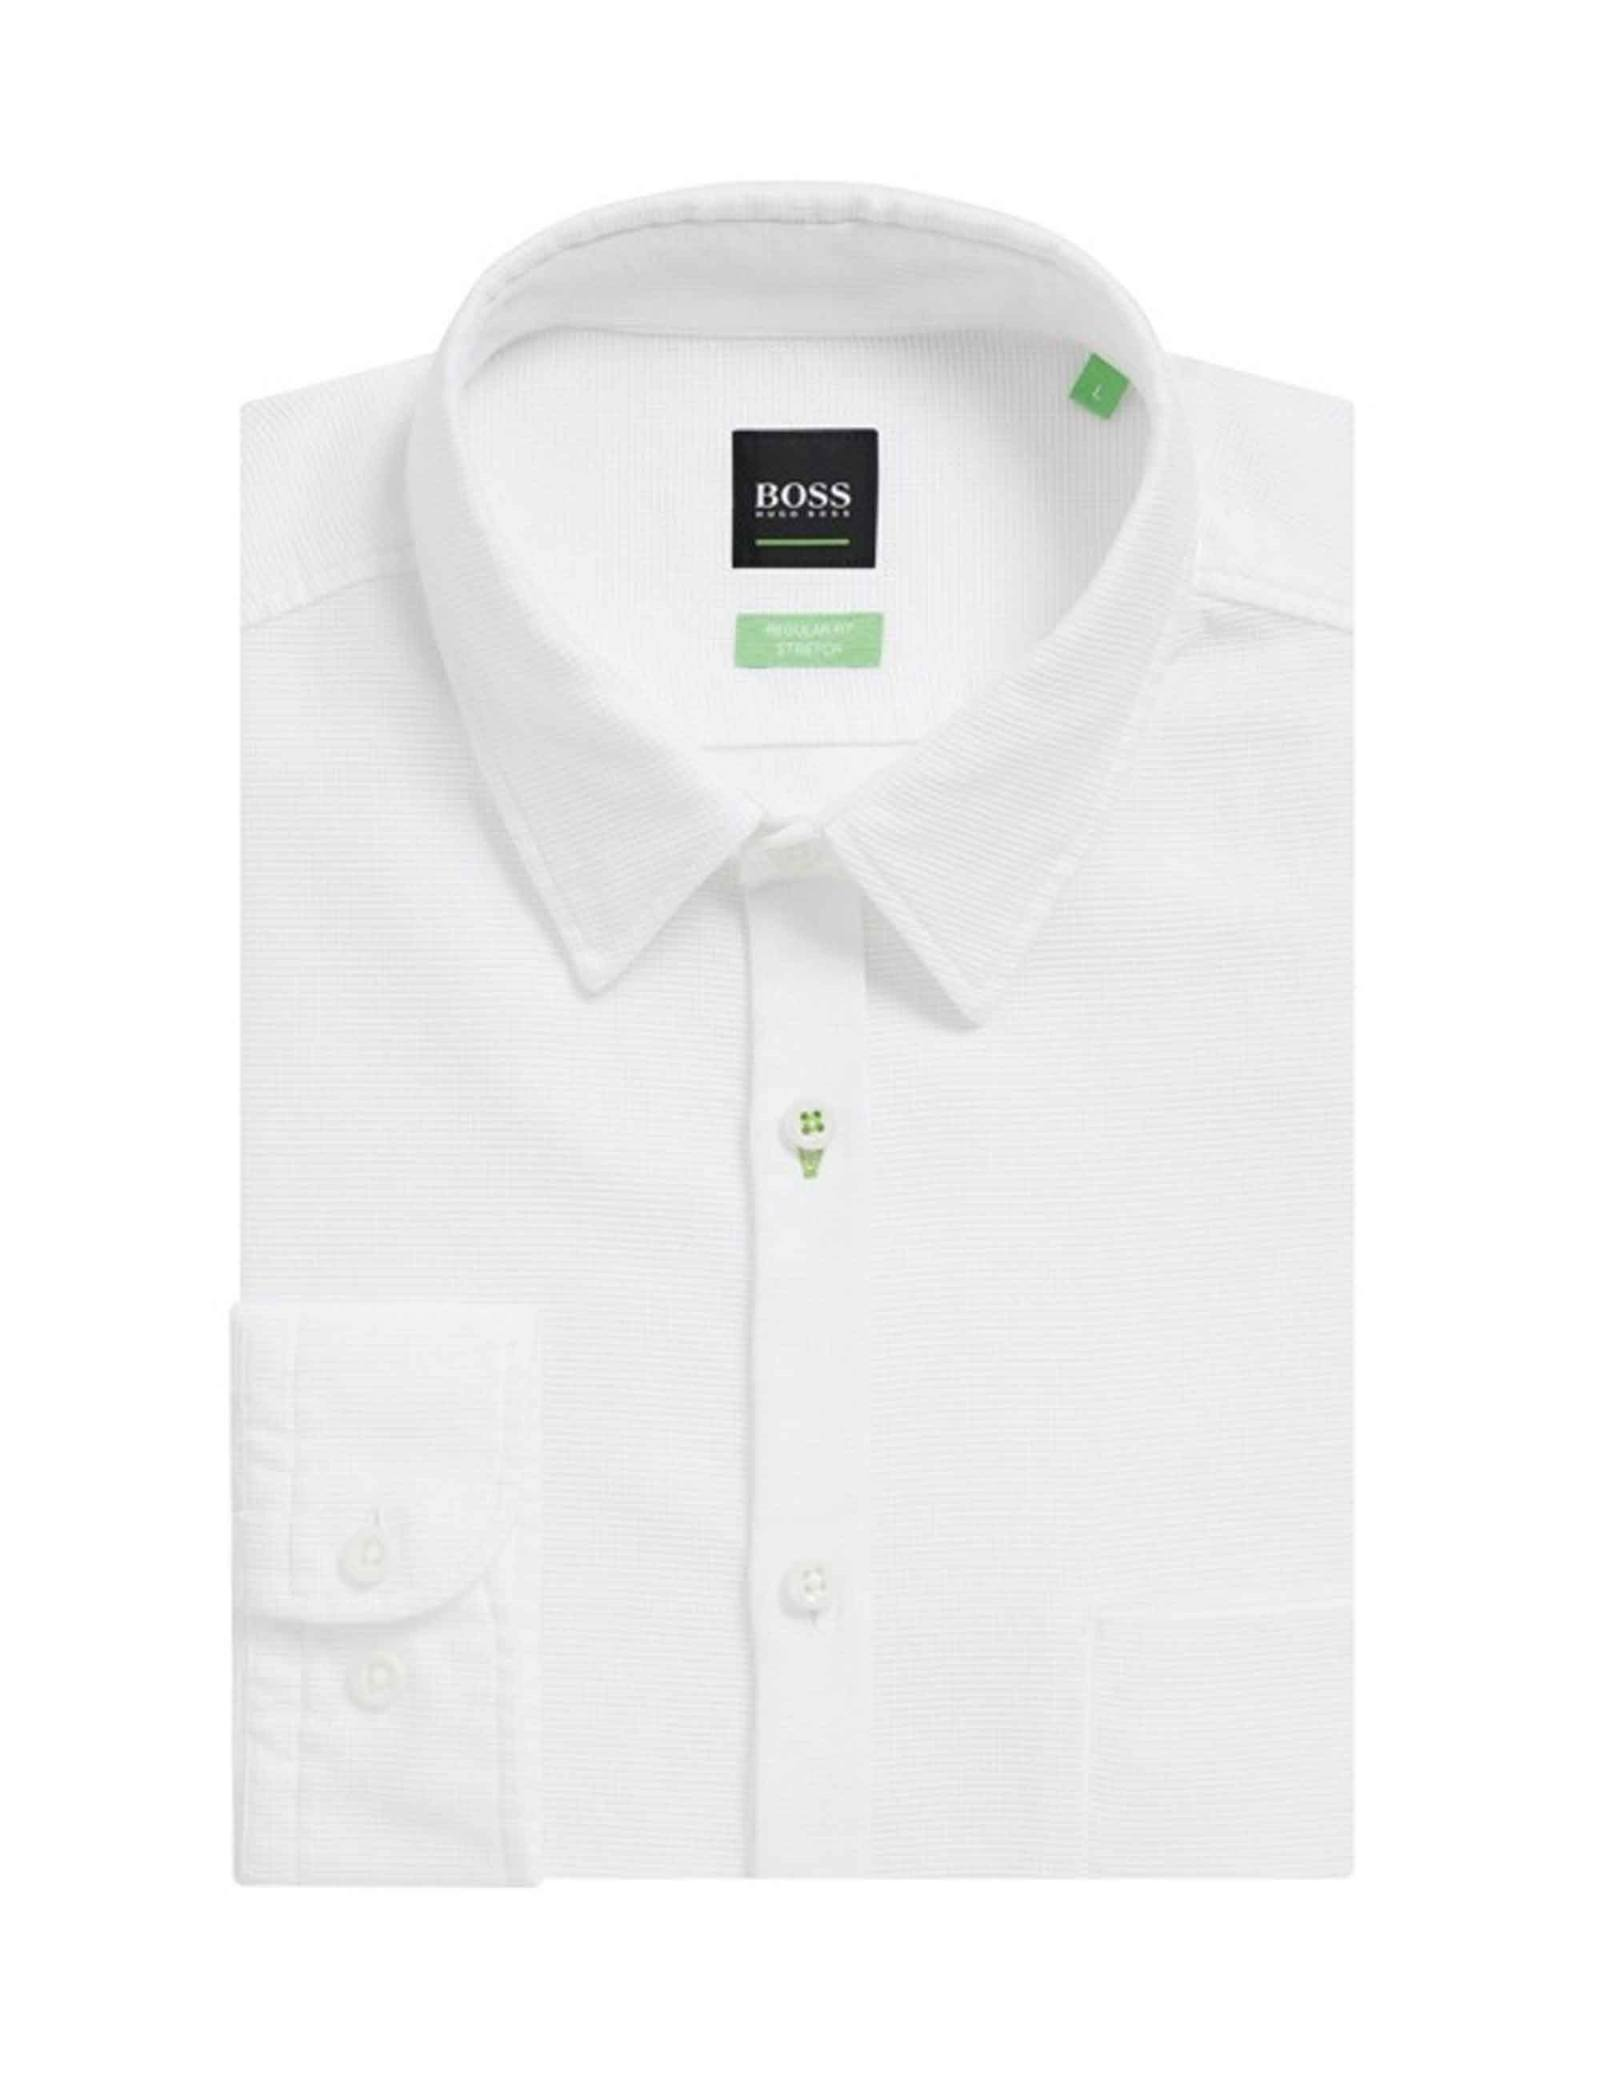 پیراهن نخی آستین بلند مردانه BISEV_R - باس - سفيد - 4